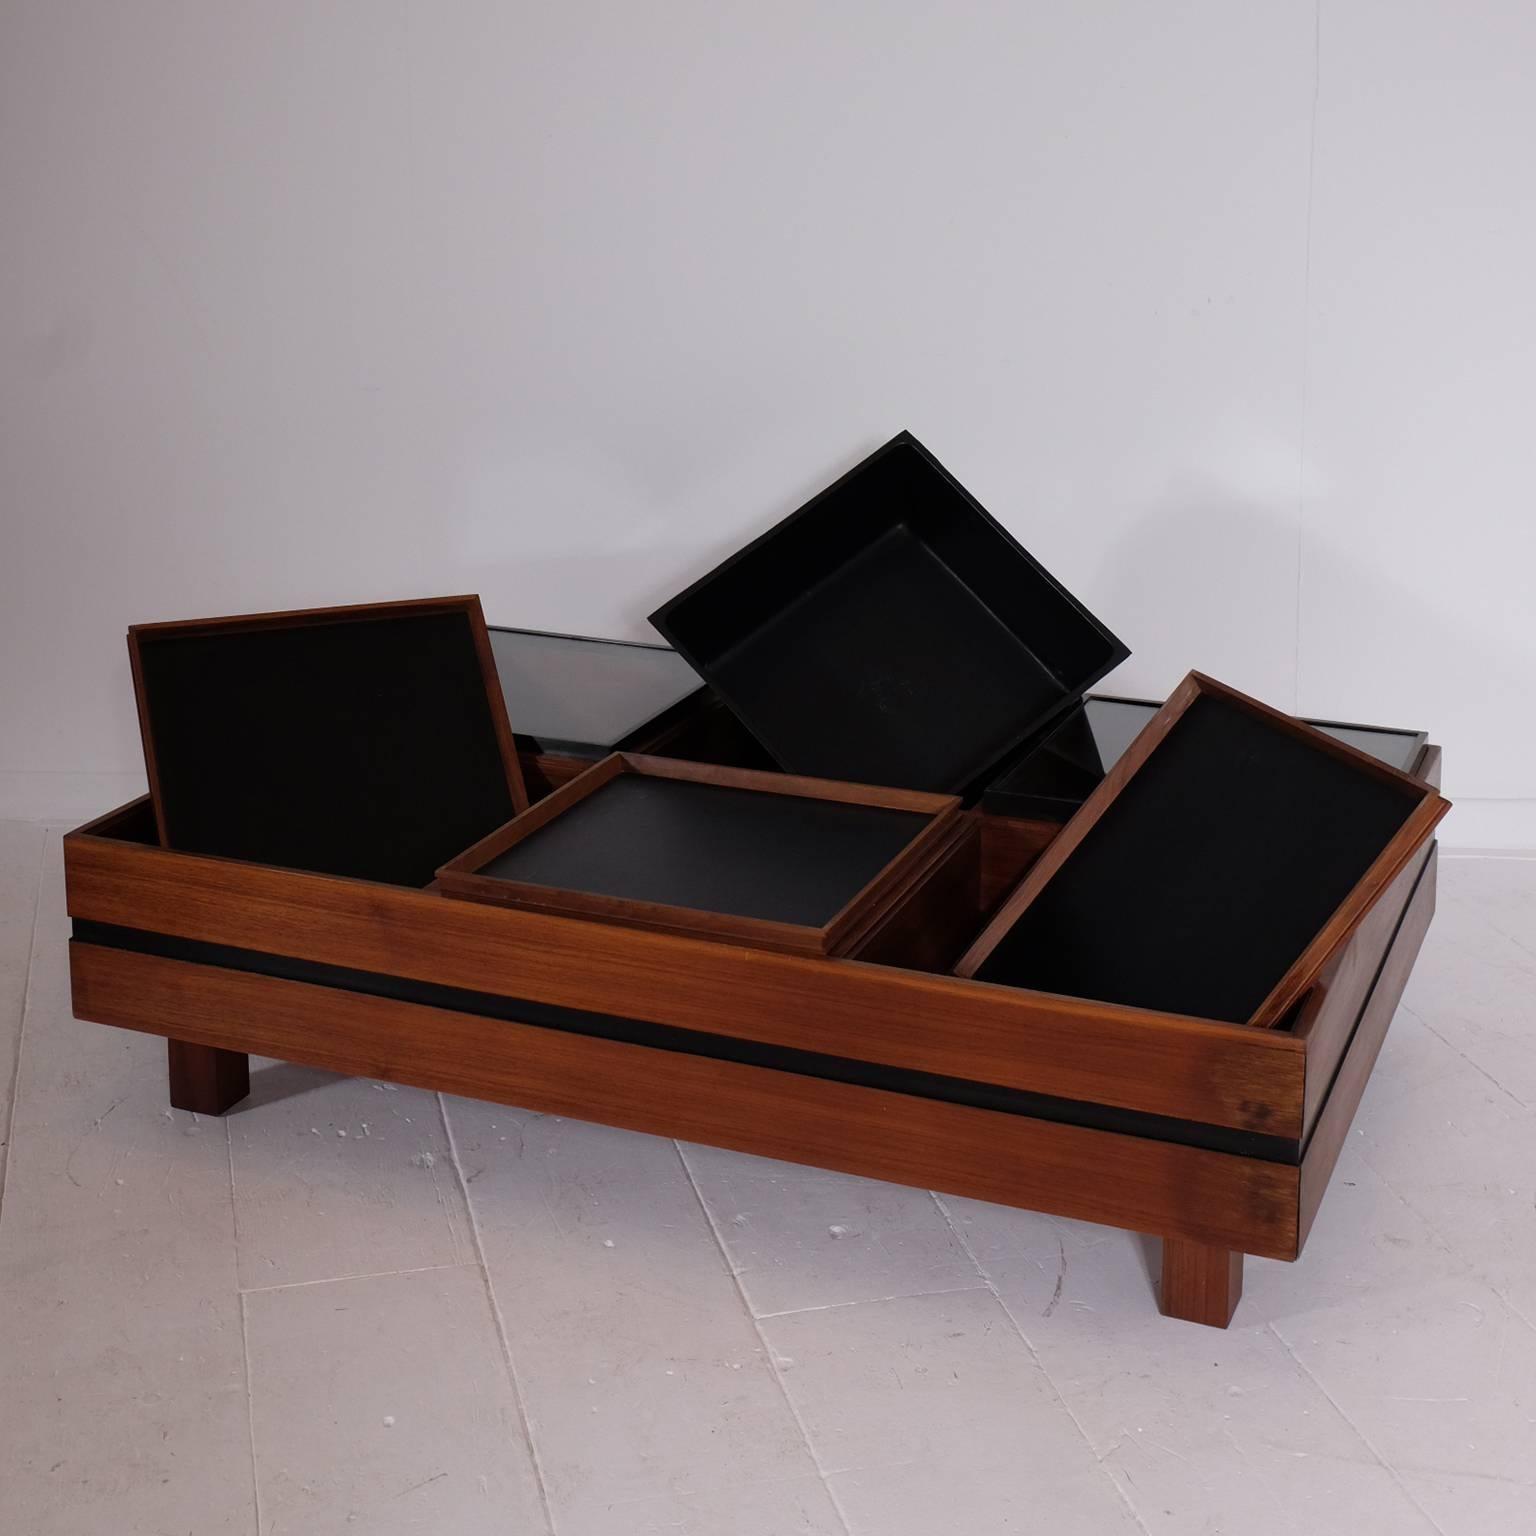 Modular Italian Coffee Table, By Sormani For Sale 1